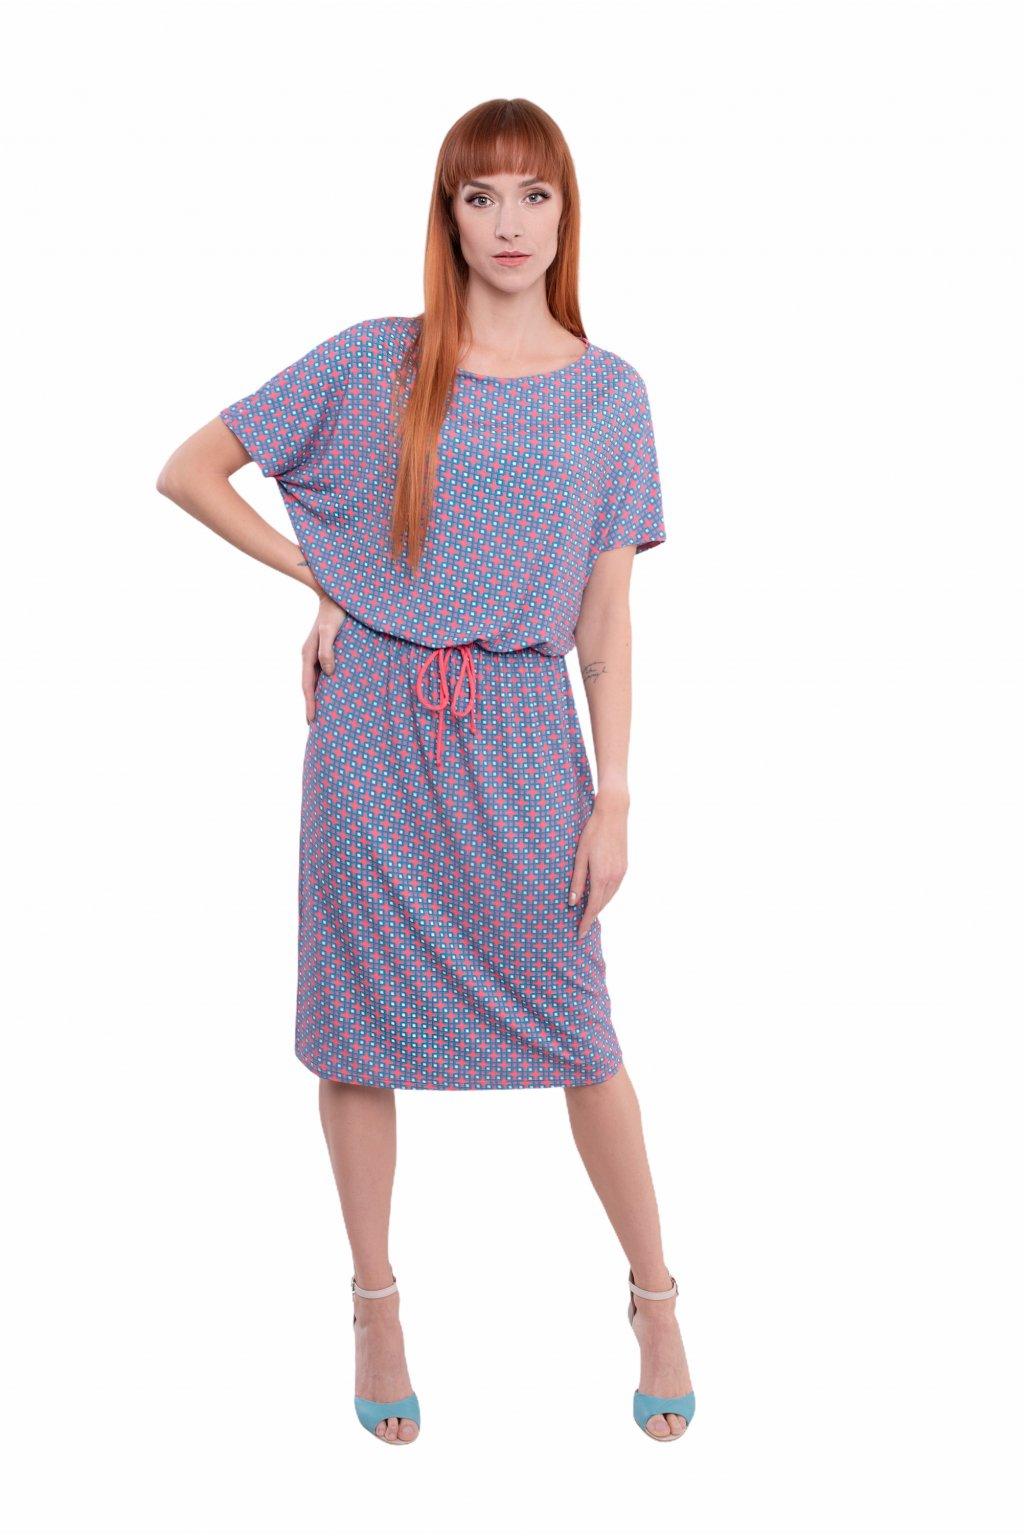 Dámské šaty s krátkým rukávem, 1N502 435, tyrkysovo/korálová